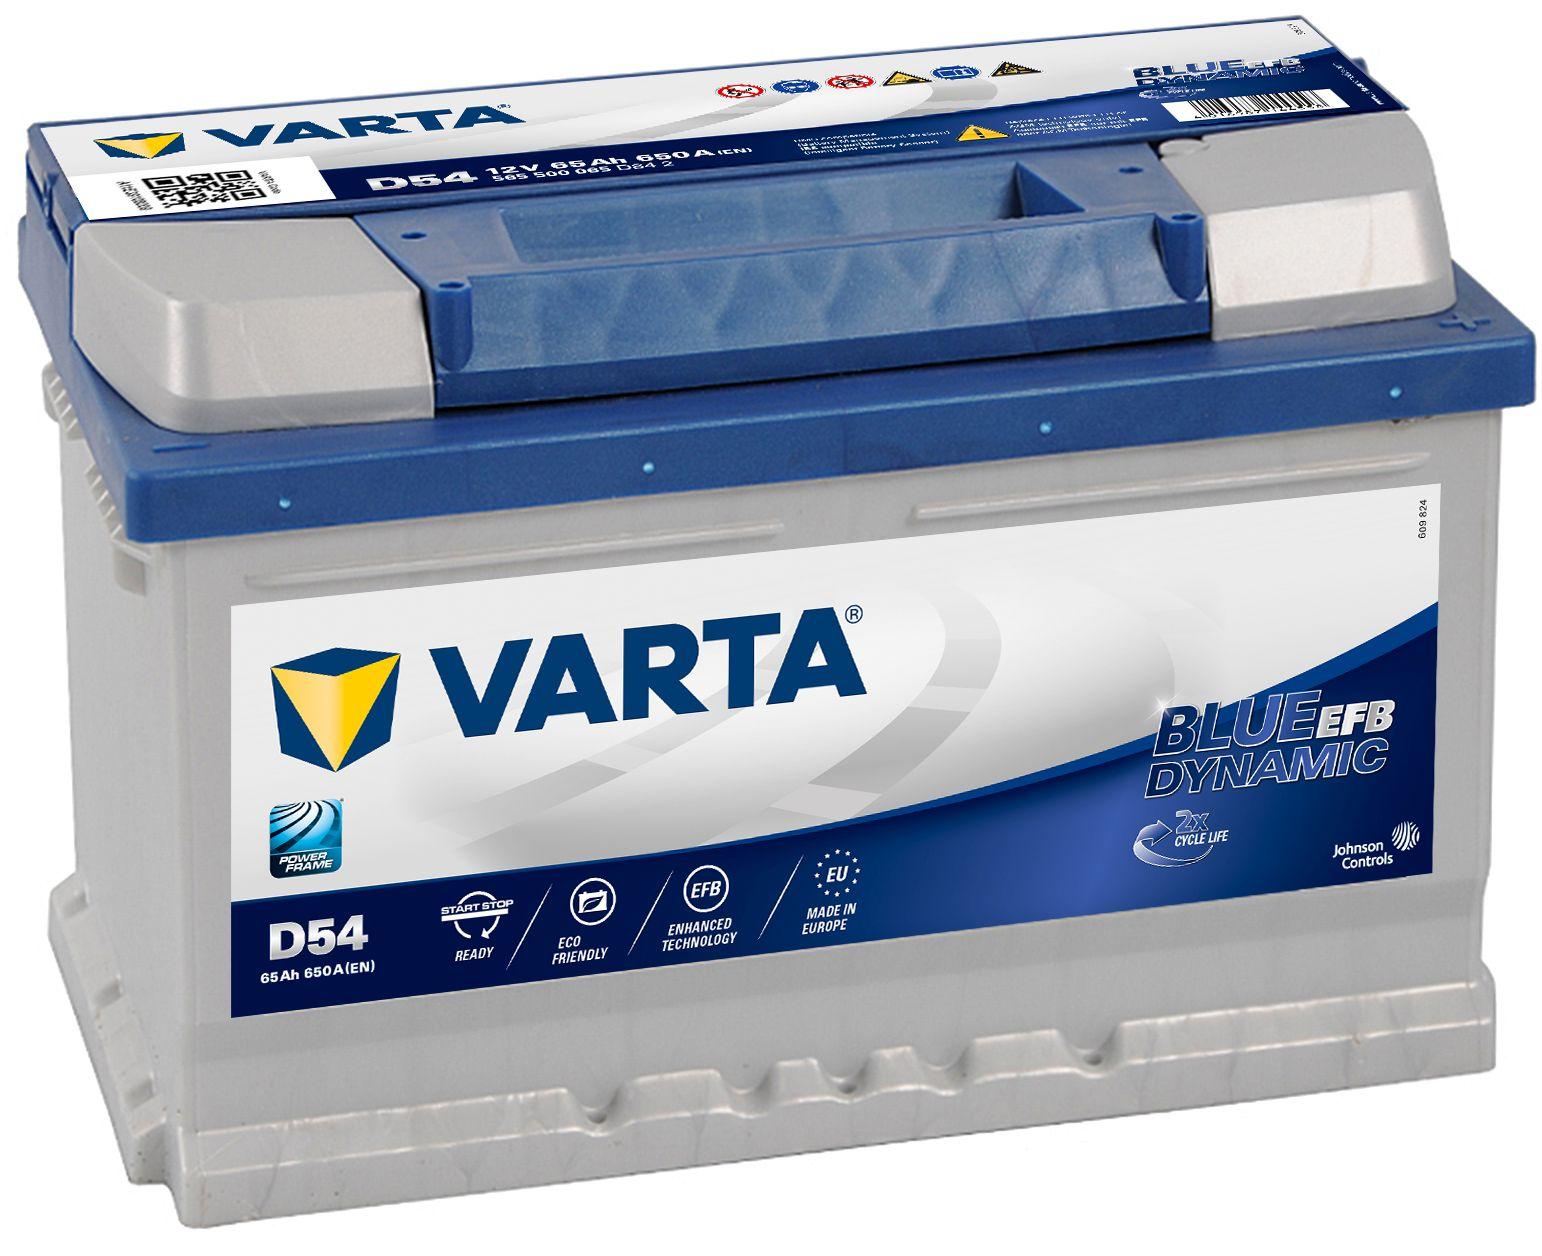 VARTA Varta Blue Dynamic EFB - 12v 65ah - autó akkumulátor - jobb+